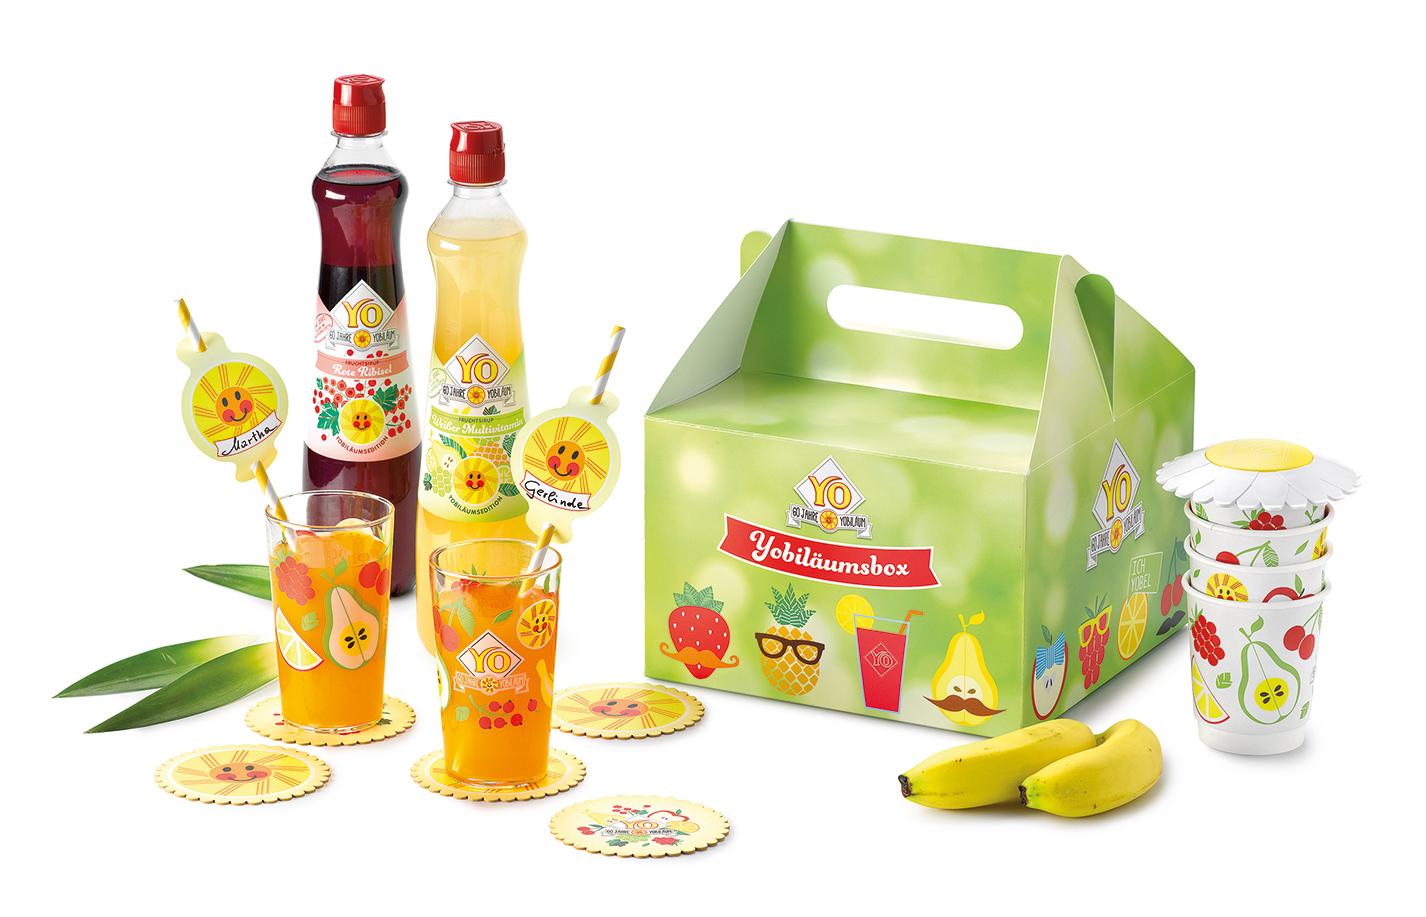 YO Fruchtsirup Yobiläumsbox